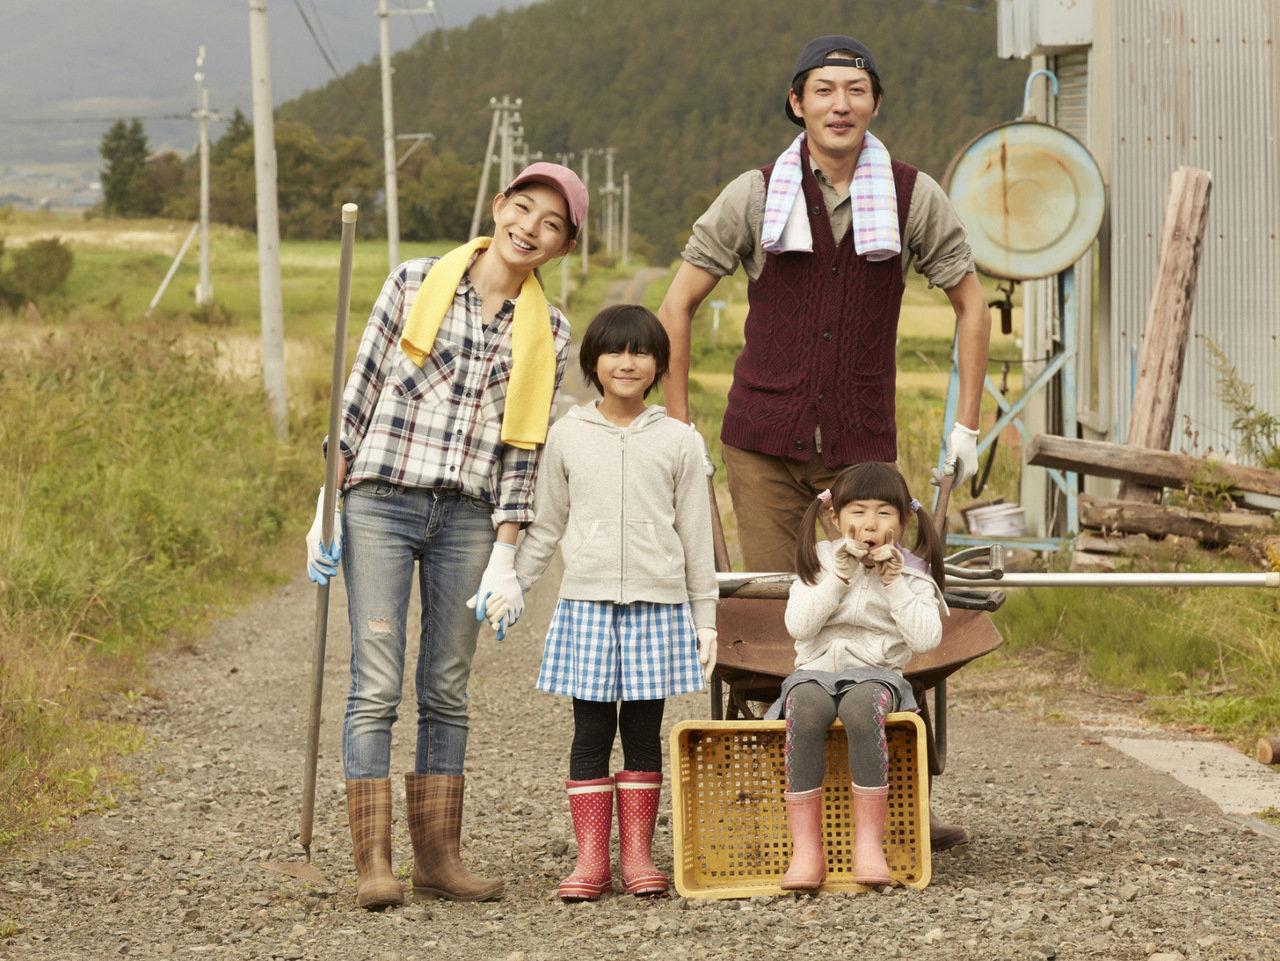 東京都民が移住したいエリア、二拠点居住したいエリアは?